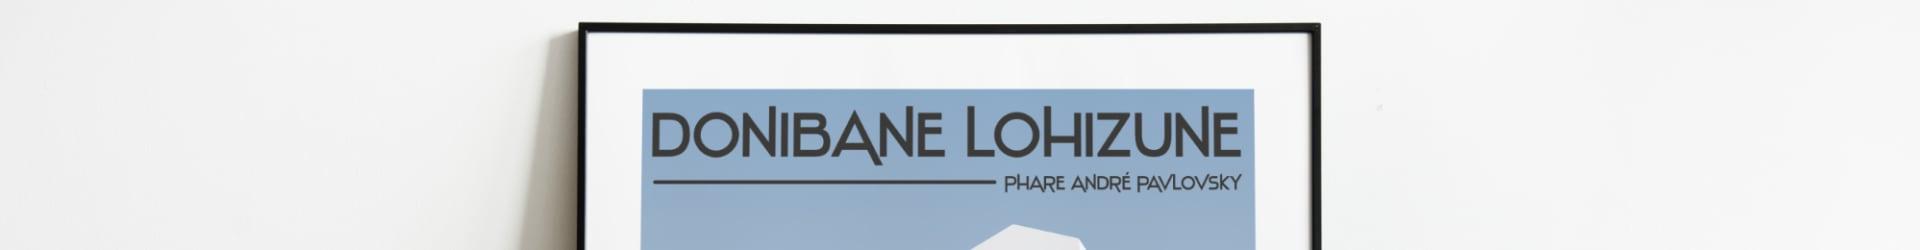 Donibane Lohizune – Phare – Affiche Pays Basque Saint Jean de Luz